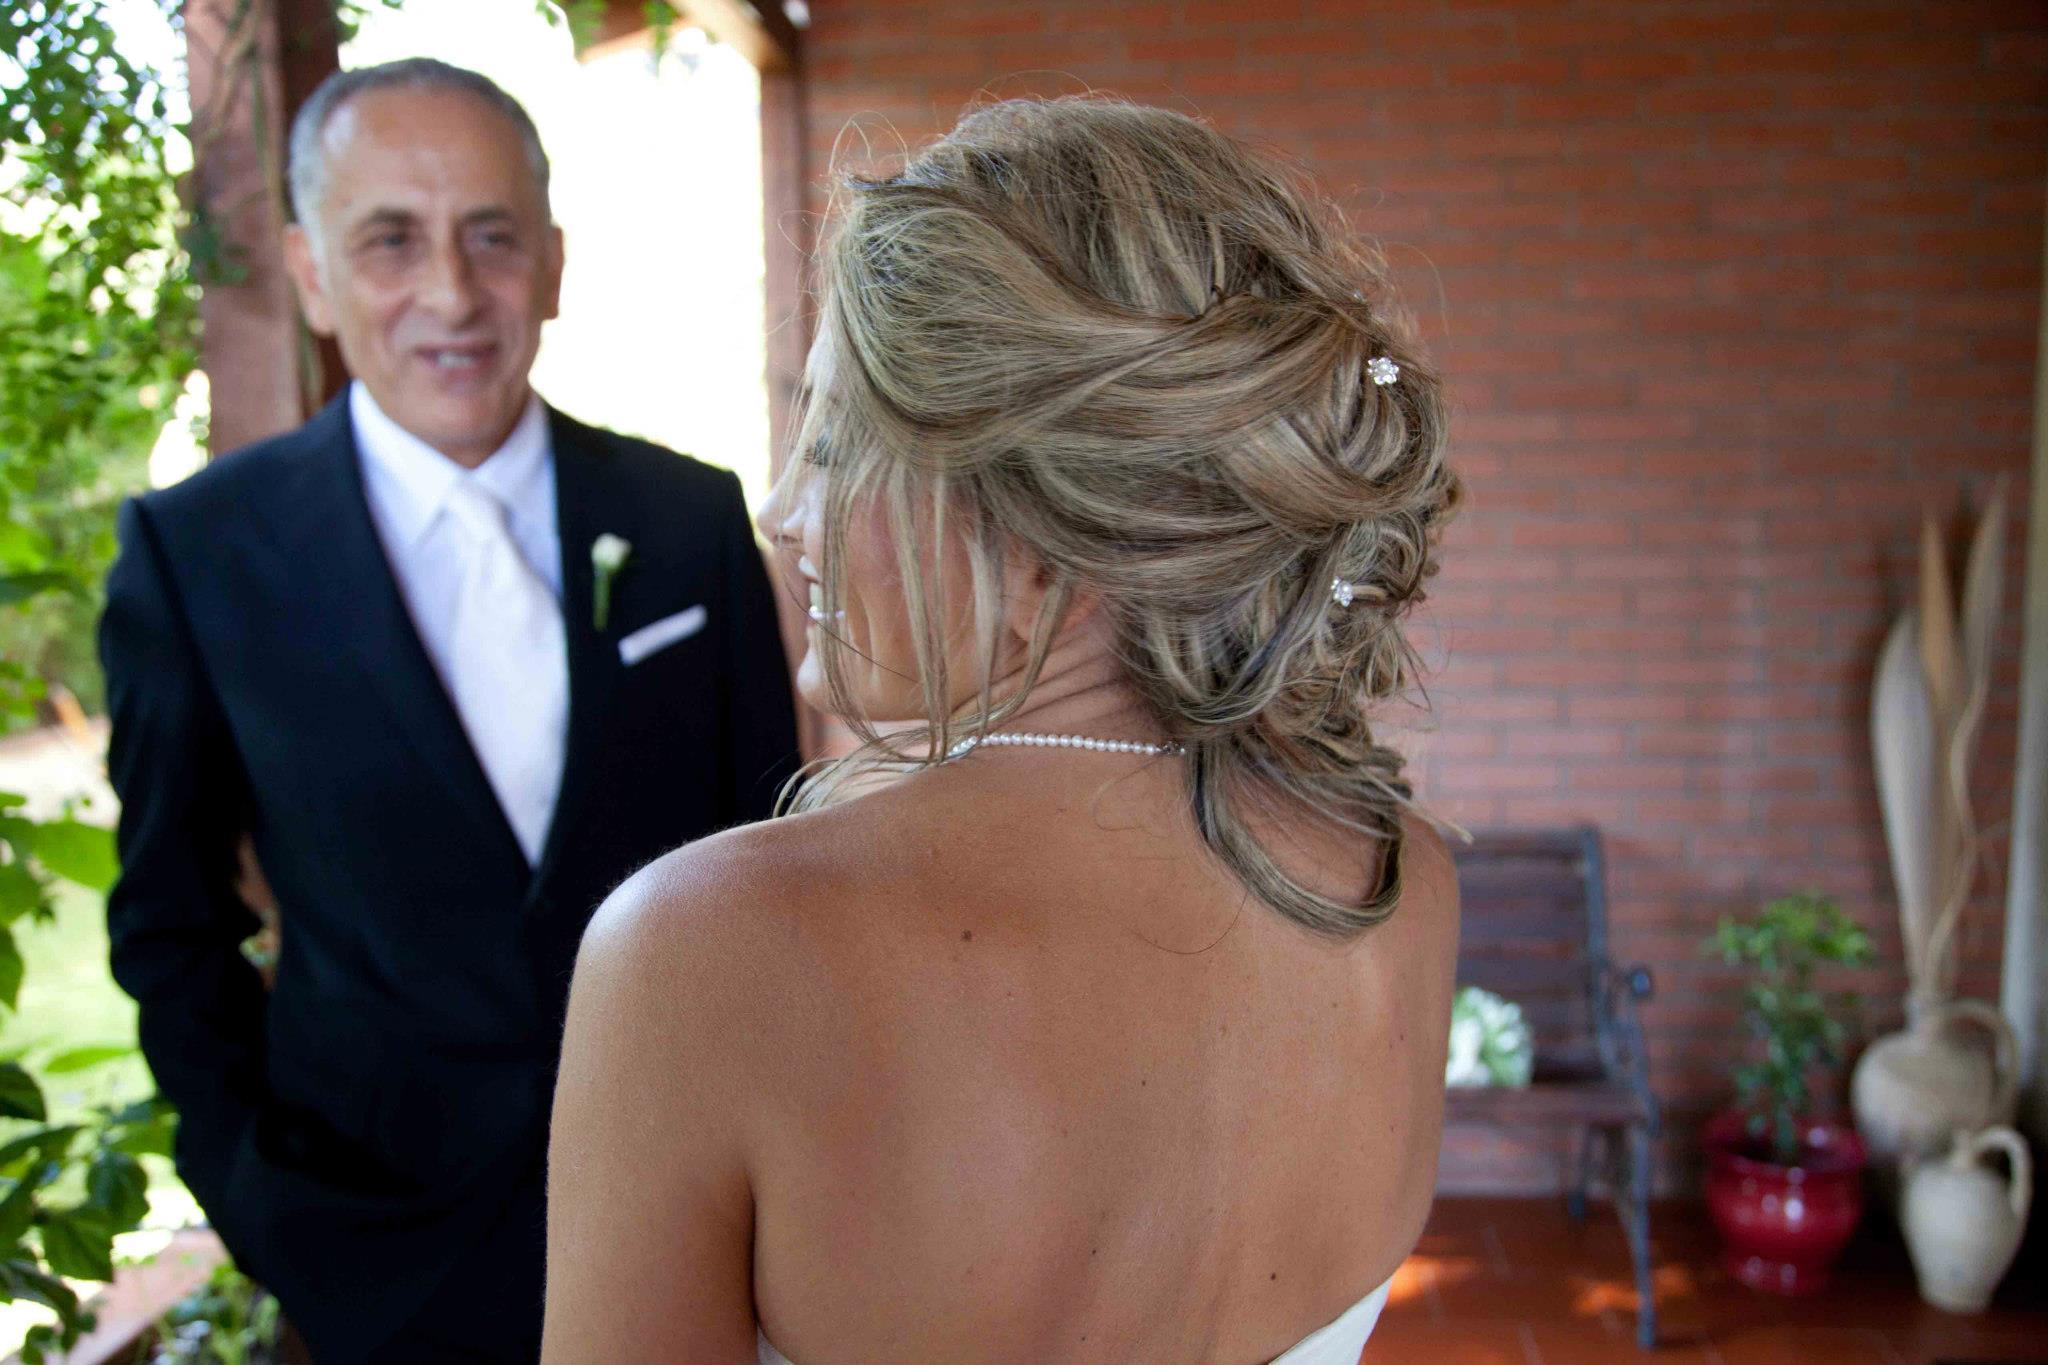 come-annunciare-il-matrimonio-sposa-papà